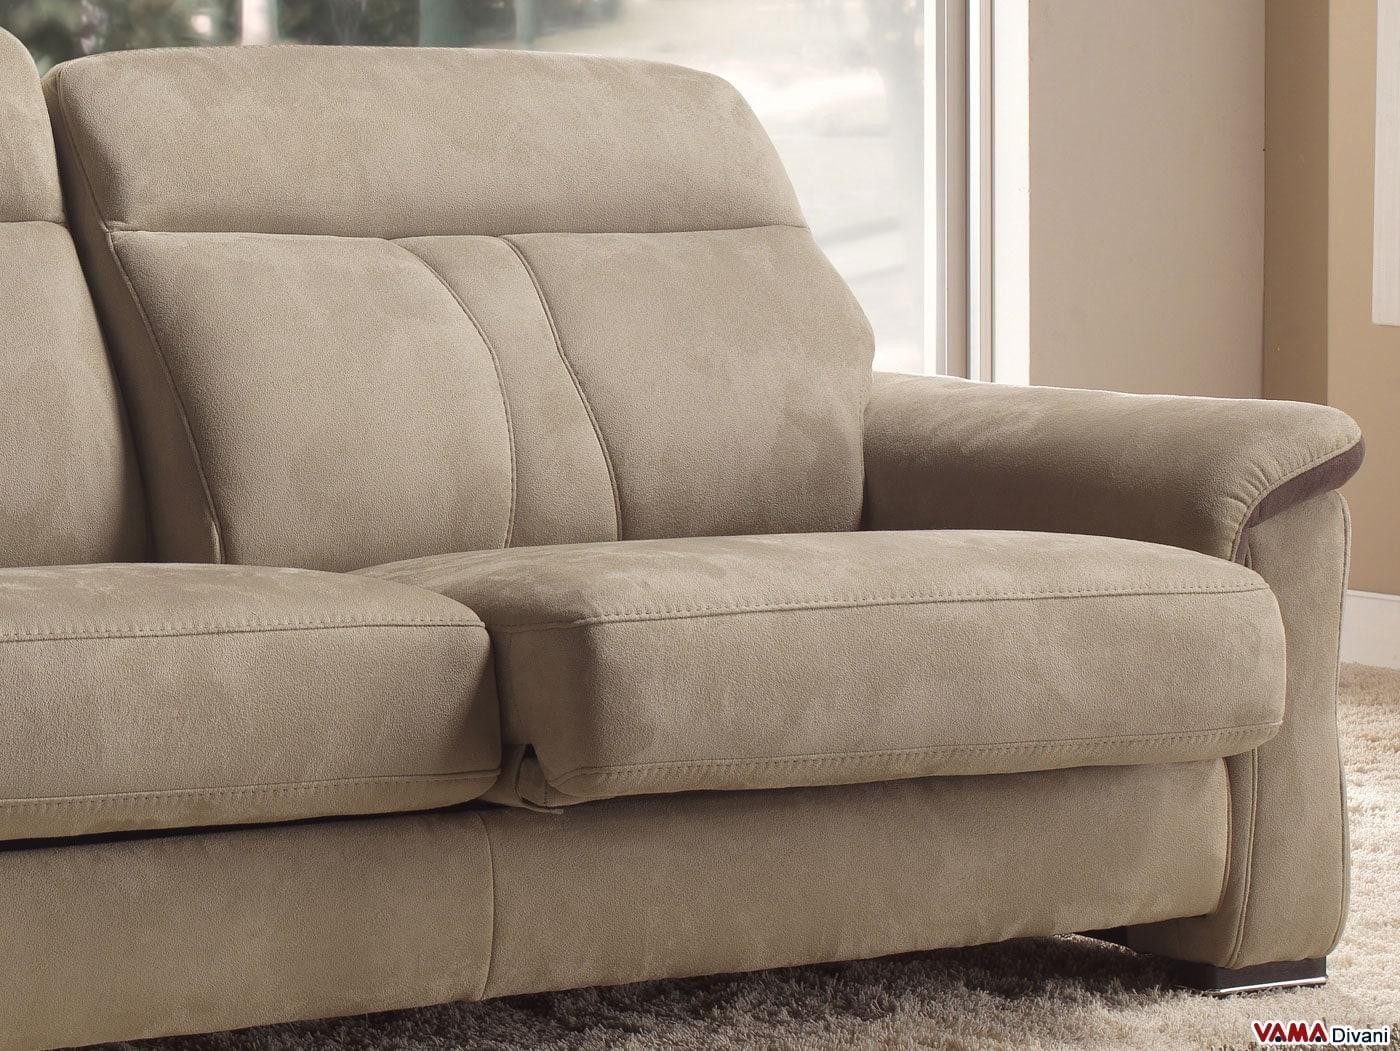 Divano moderno in tessuto e pelle con sedute allungabili - Divano divani e divani ...